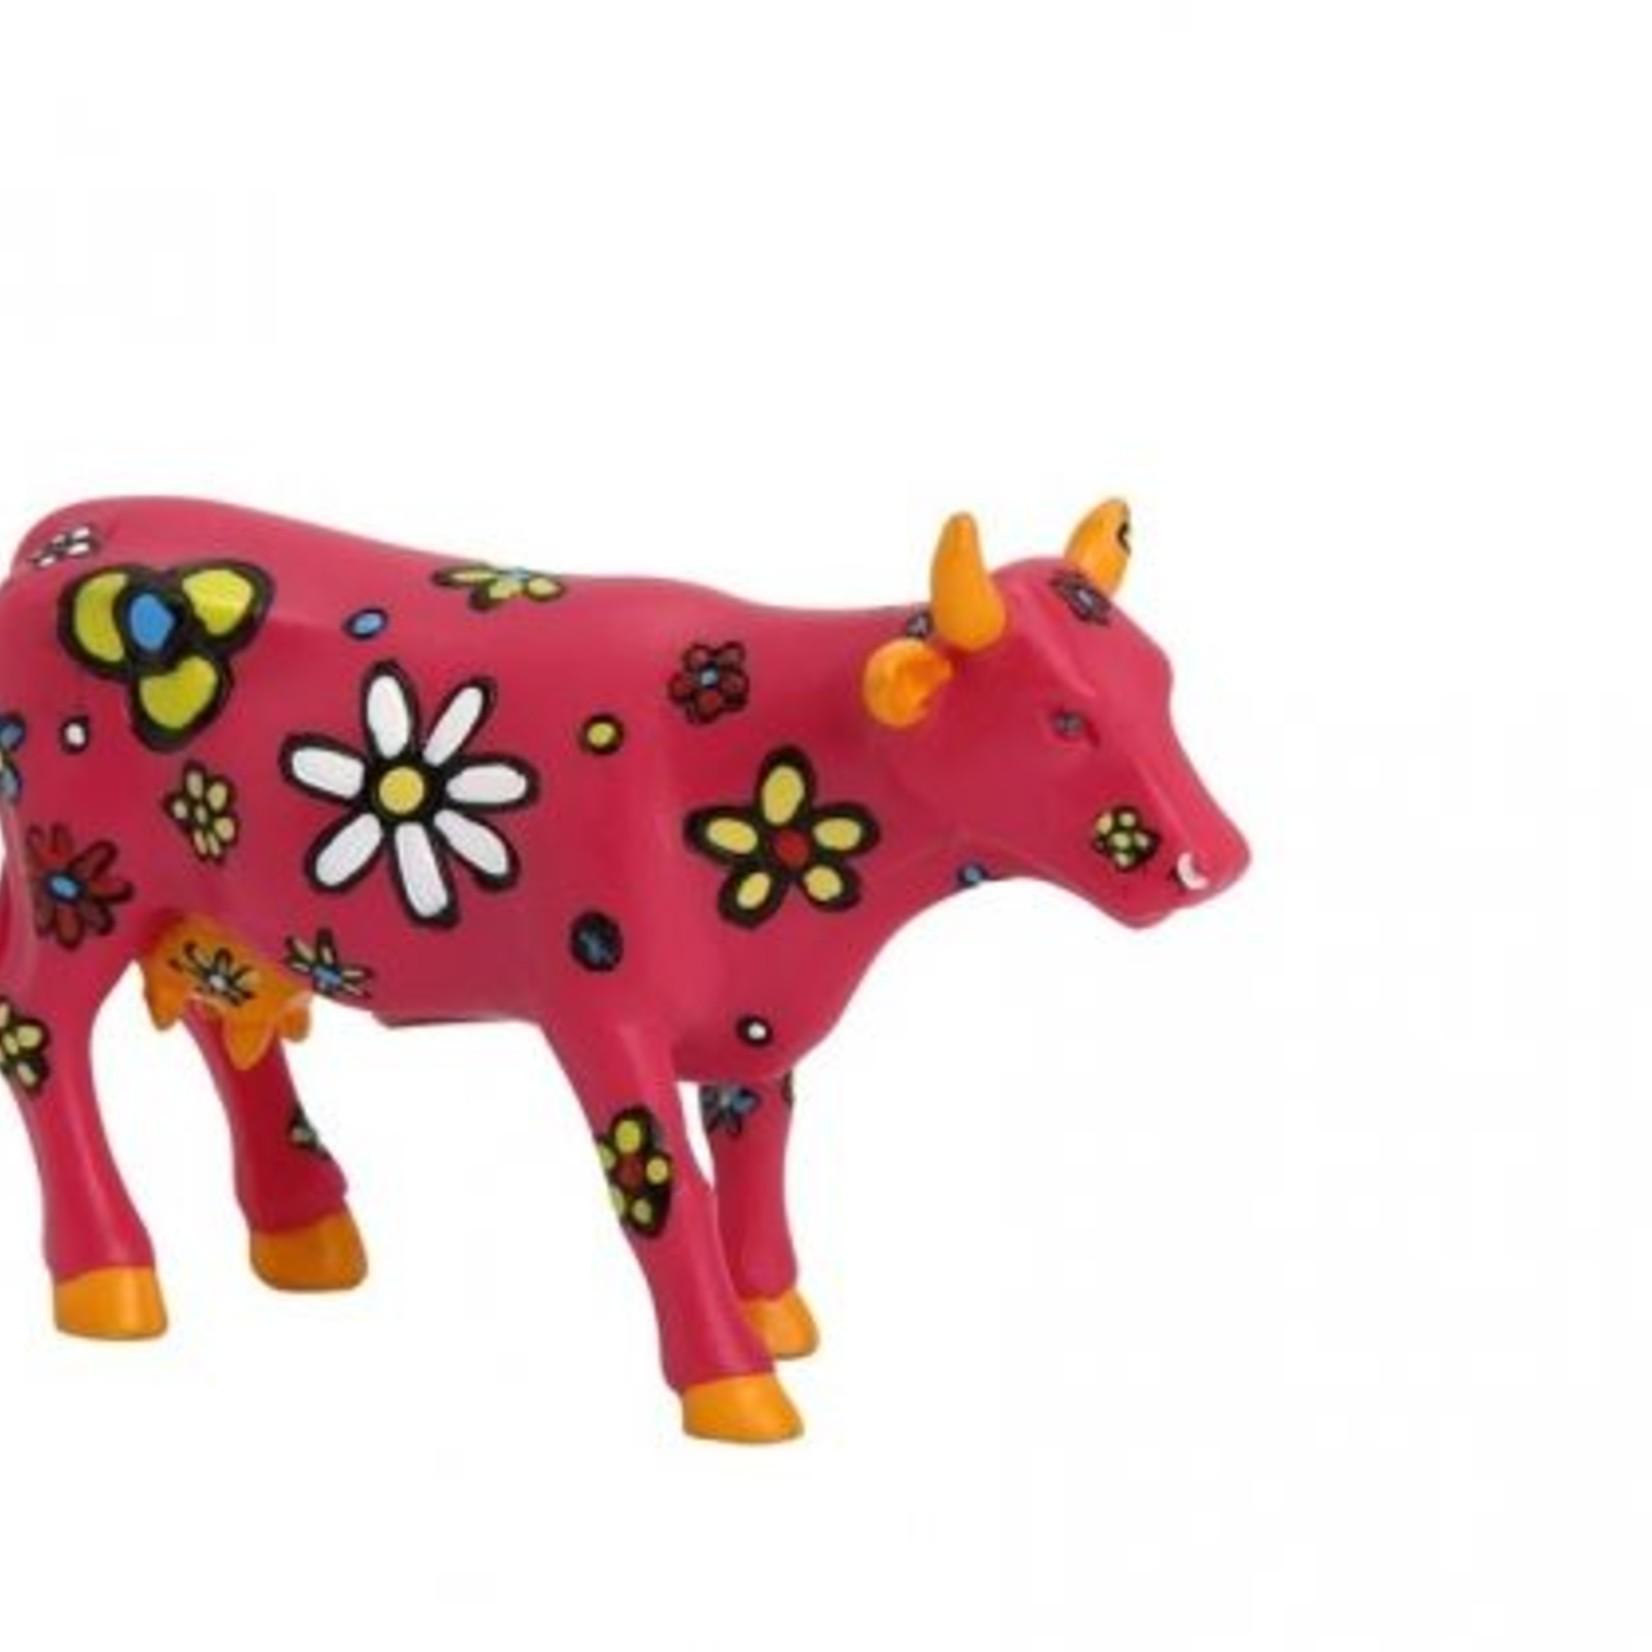 Cowparade Cowparade Small Dite Kvetu Artist